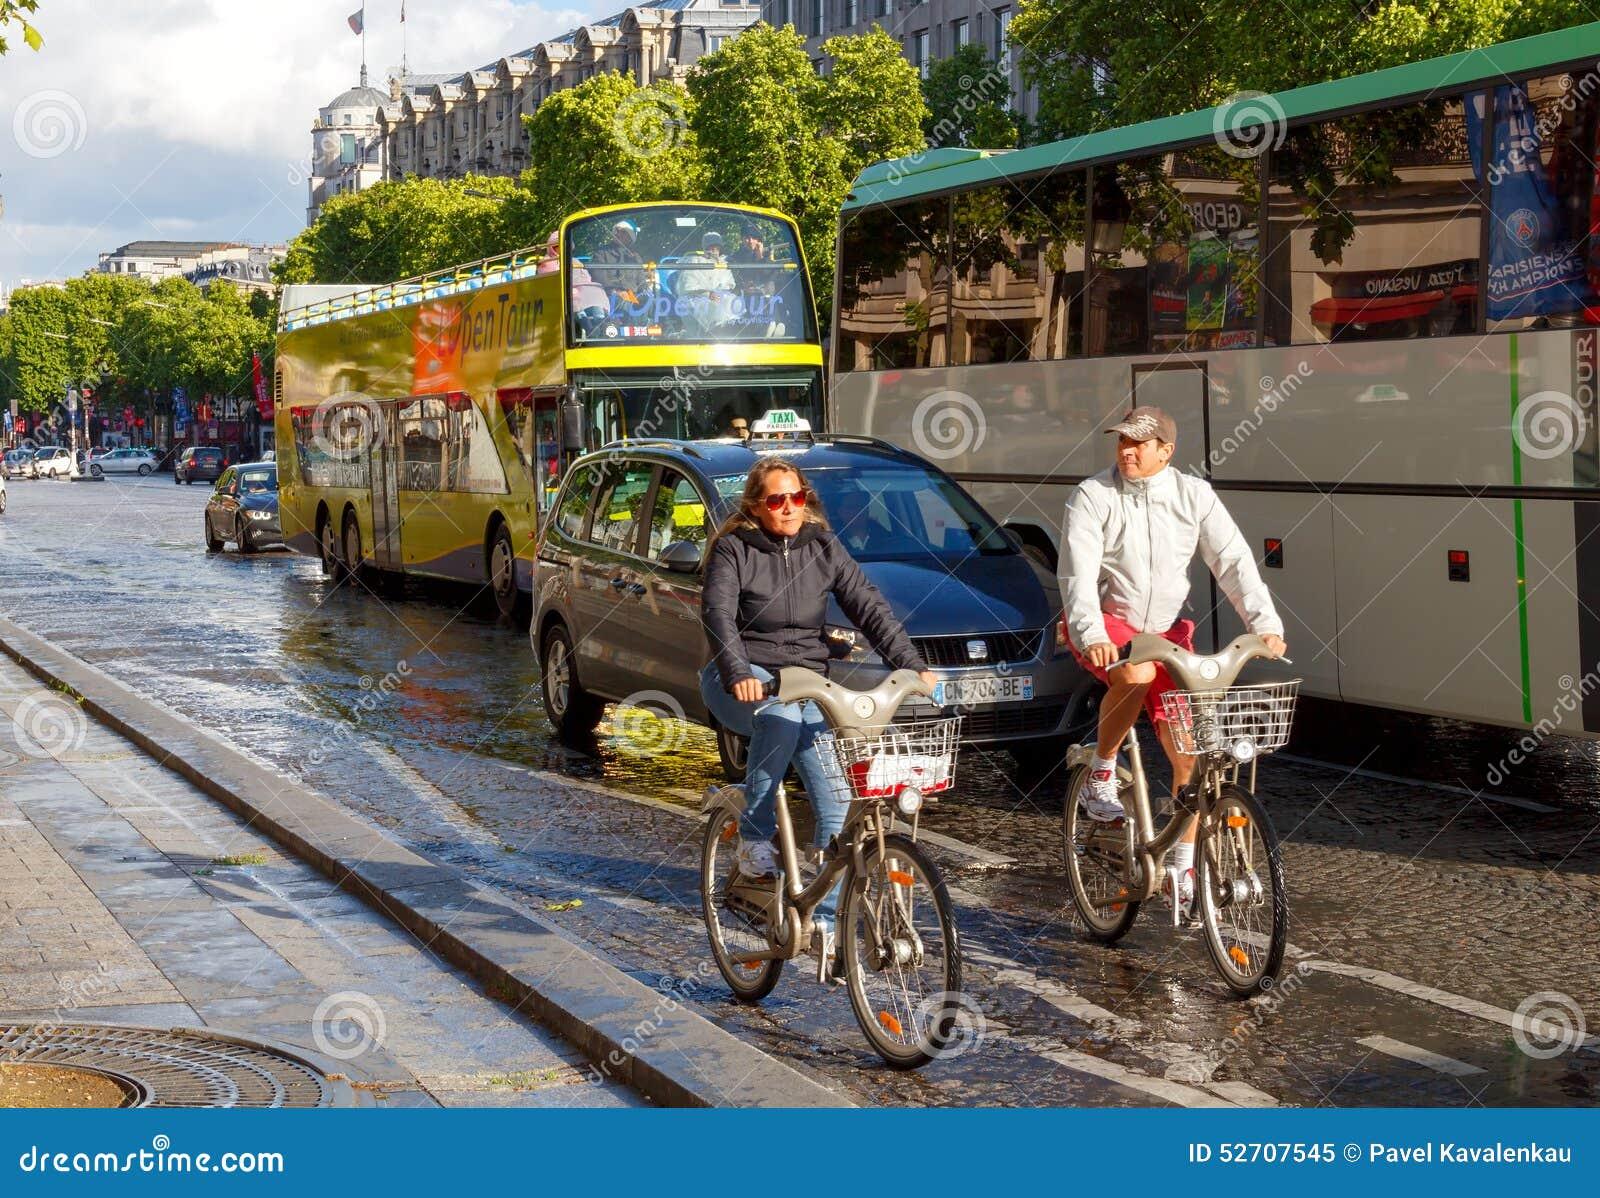 Paris Champs-Elysees